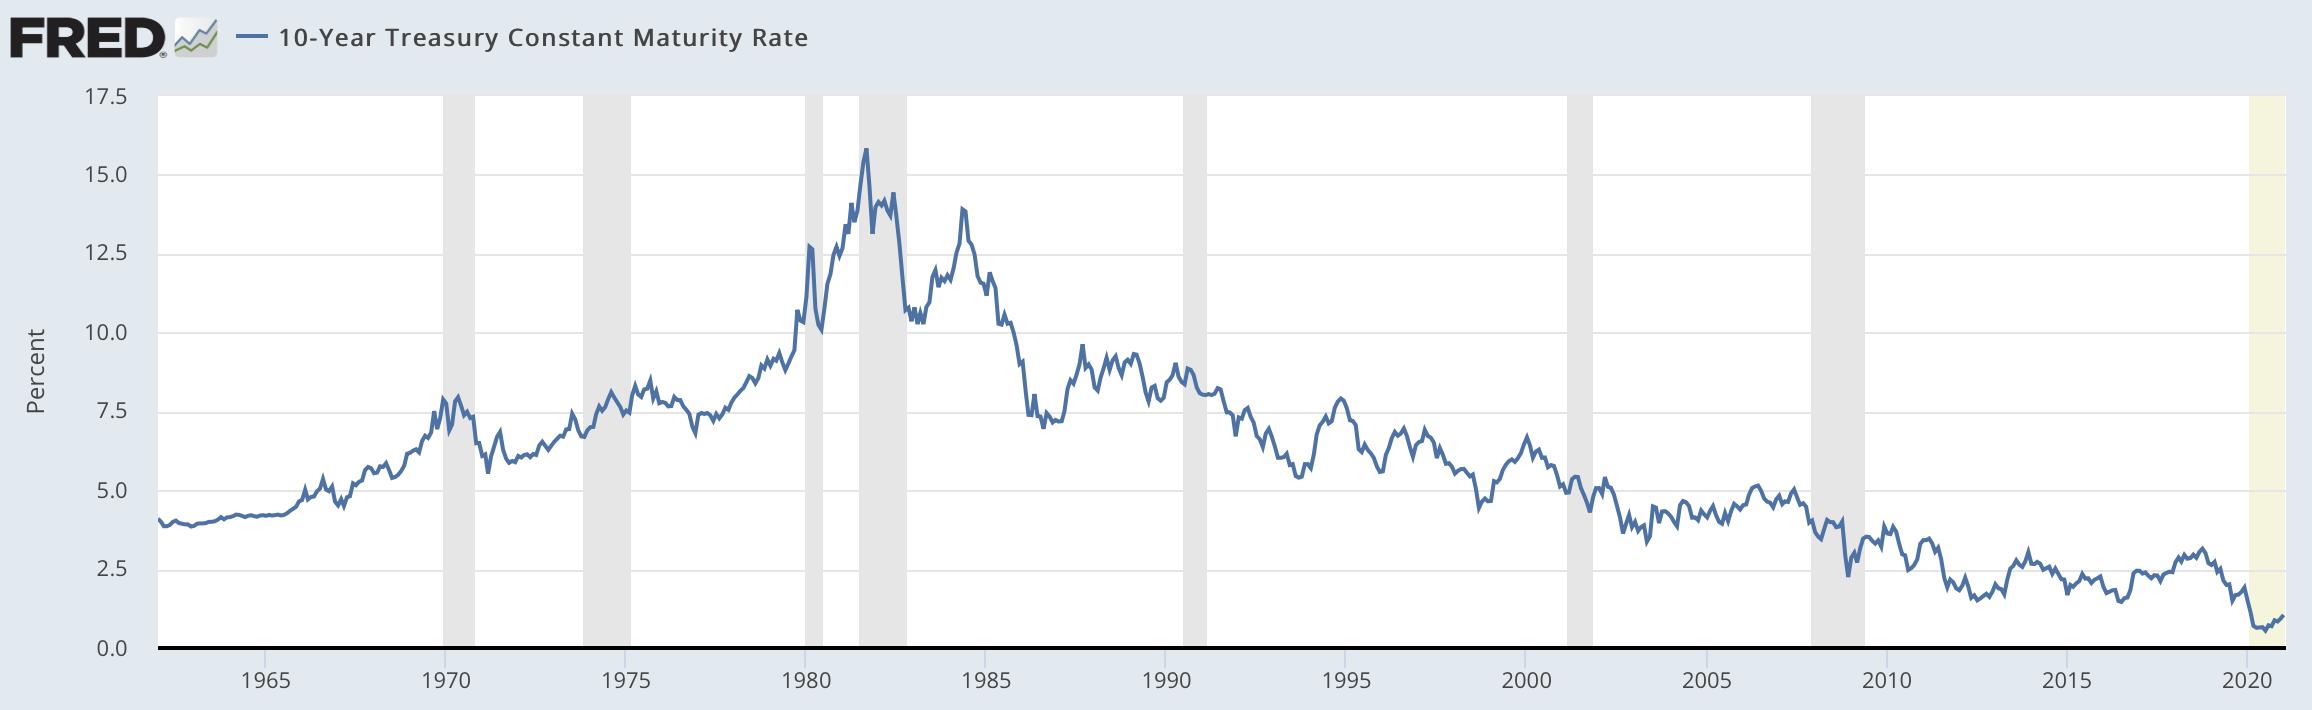 米国10年国債の利回りの推移